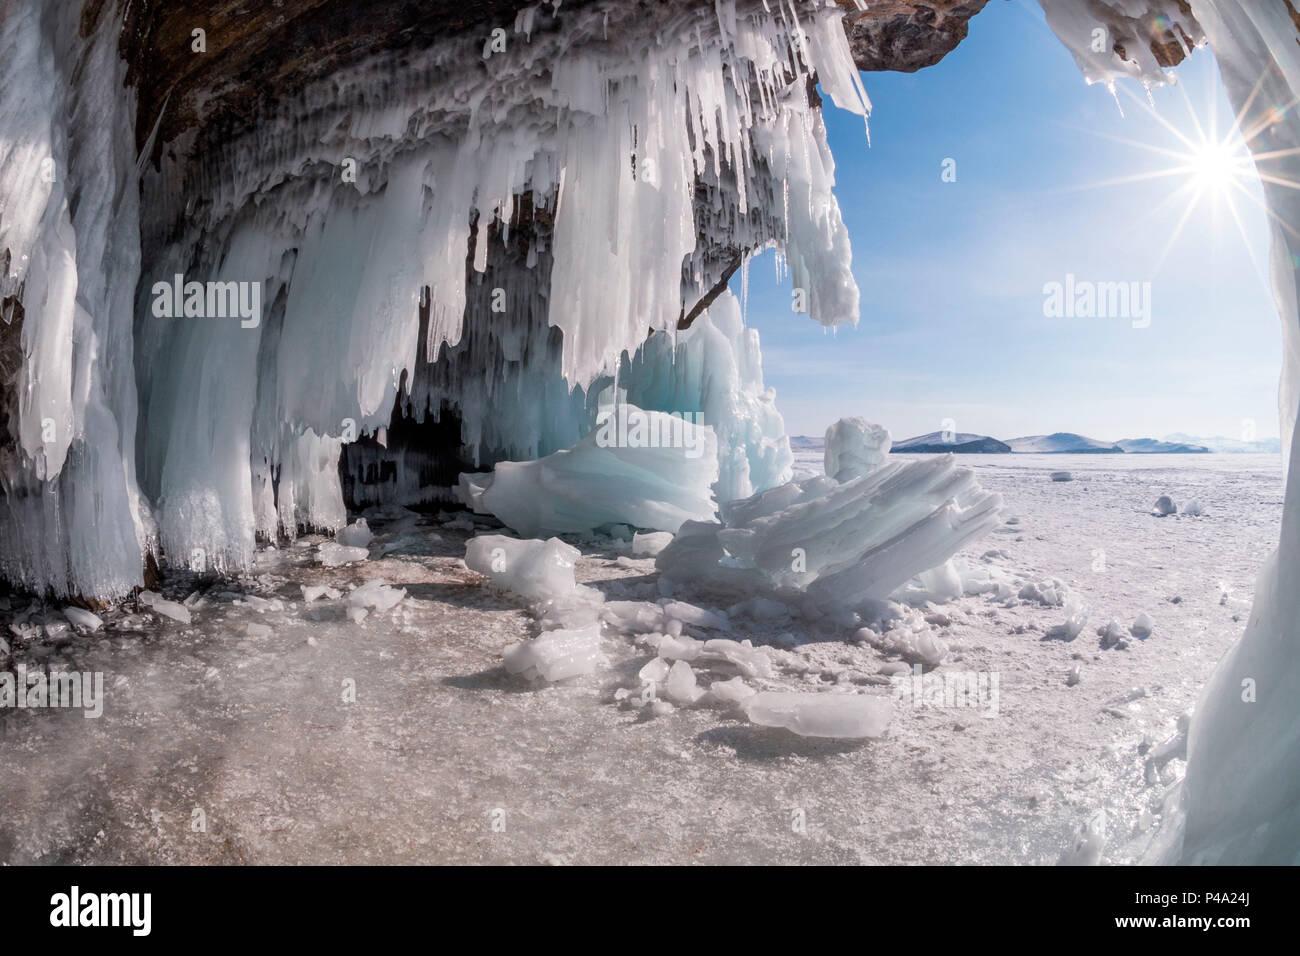 Estalactitas de hielo en una cueva en la orilla del lago Bajkal, región de Irkutsk, Siberia, Rusia Imagen De Stock